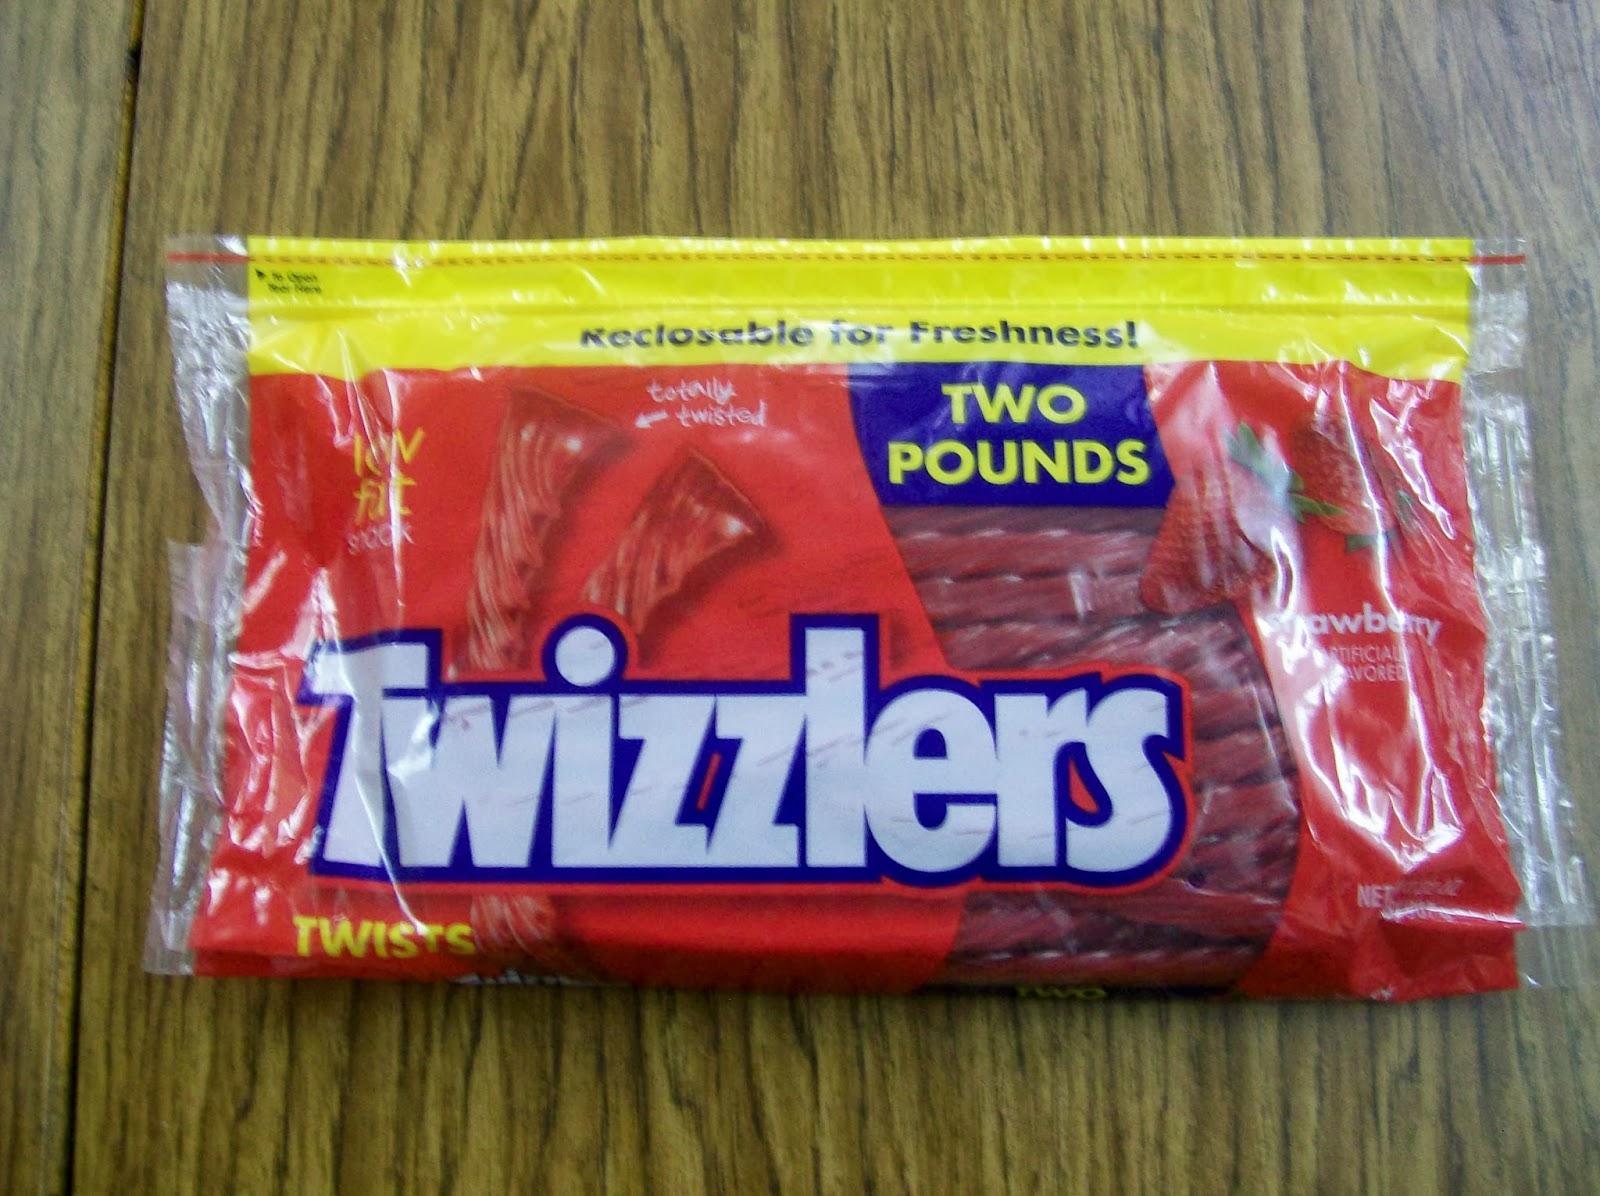 Linear Regression Lab 3: Twizzlers!